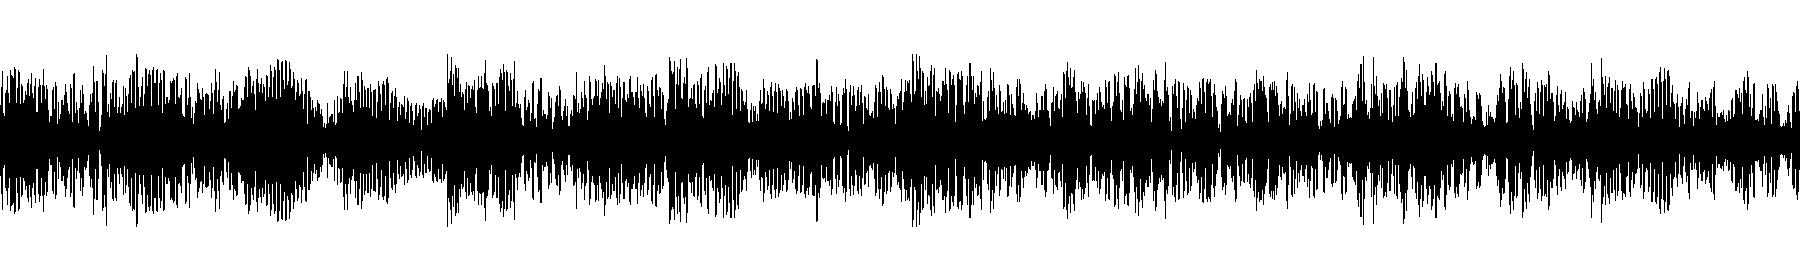 blbc cinedrums a fx 95 01